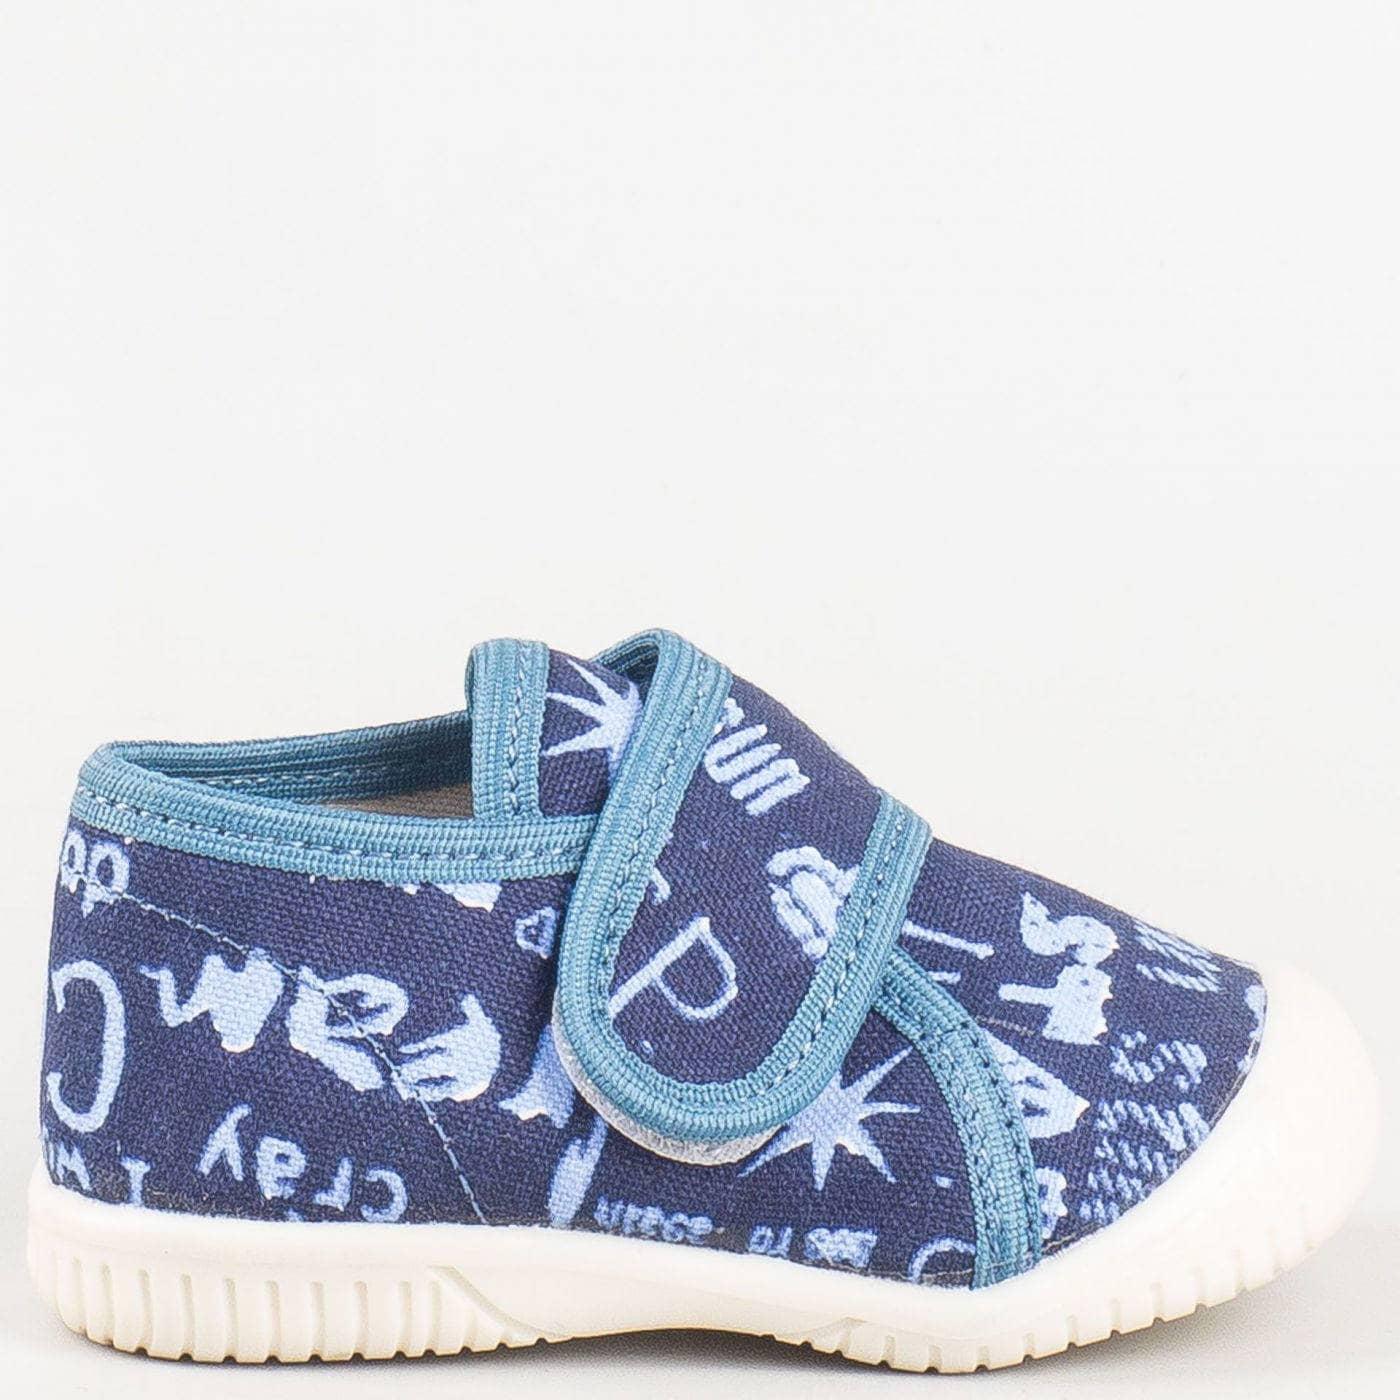 2ed905f1ef5 Текстилни детски пантофи с велкро лепенка в син или бежов цвят на водещ  български производител pf9-30